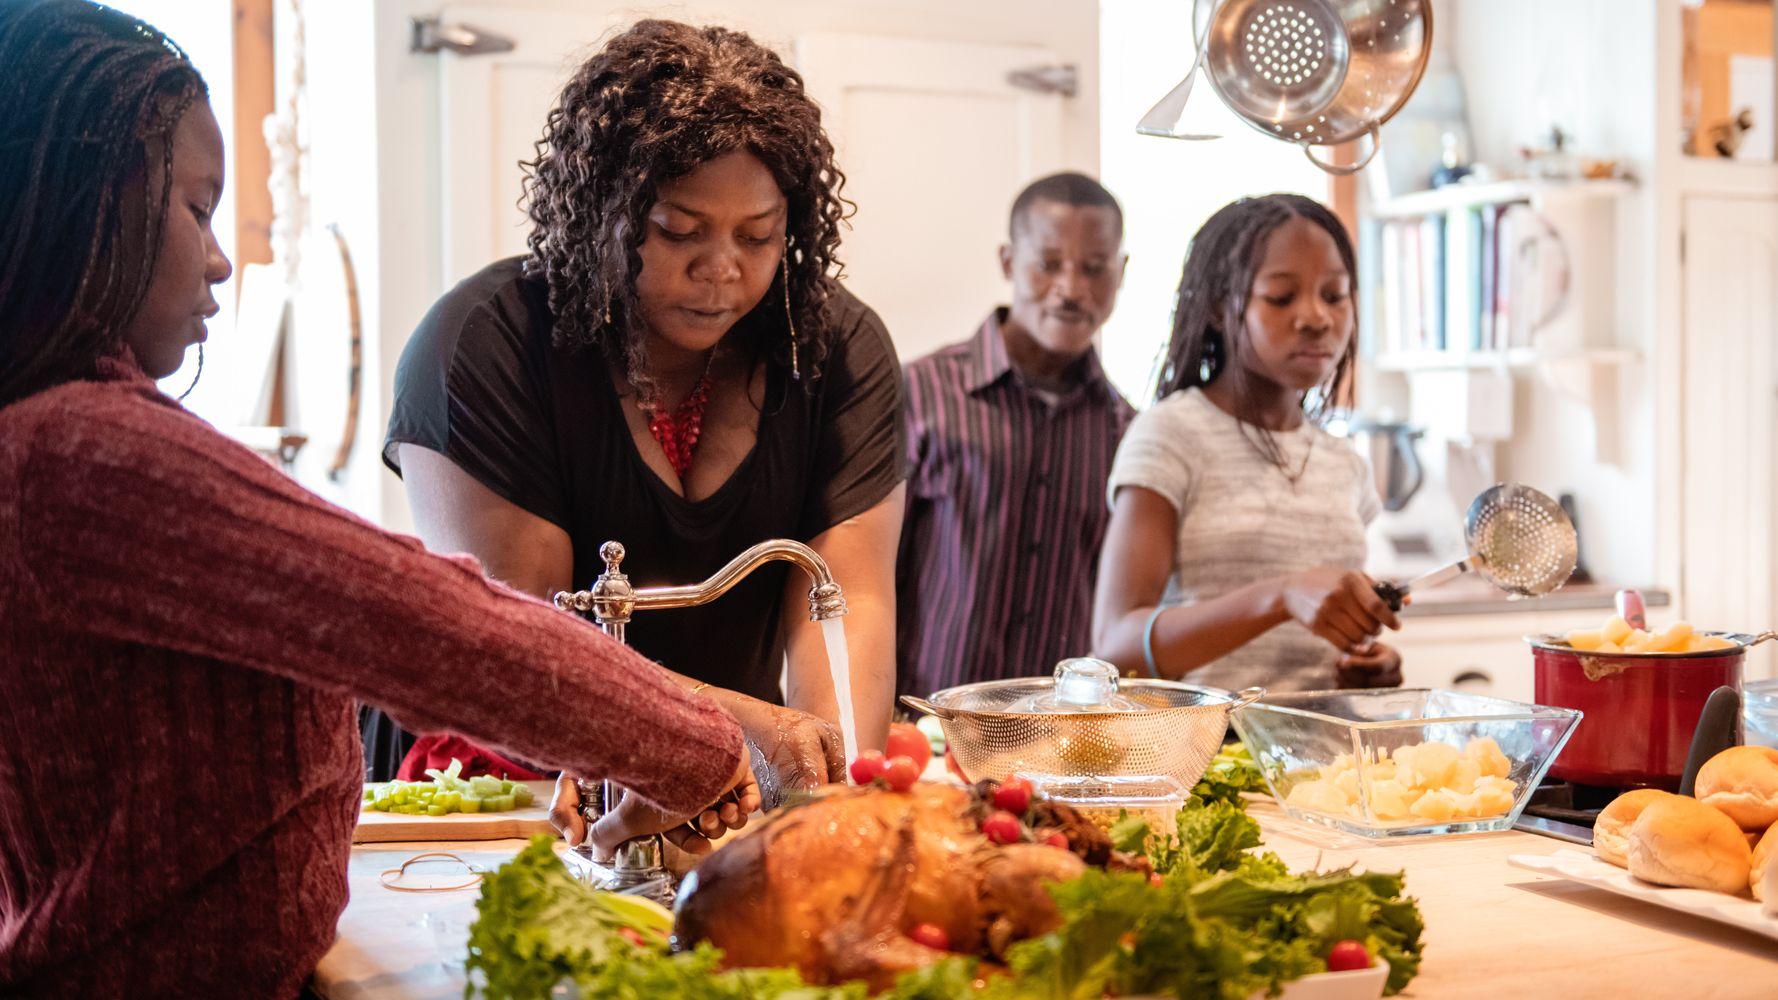 BLOG - Comment dire à votre famille que passer les fêtes avec elle ne vous fait pas du bien